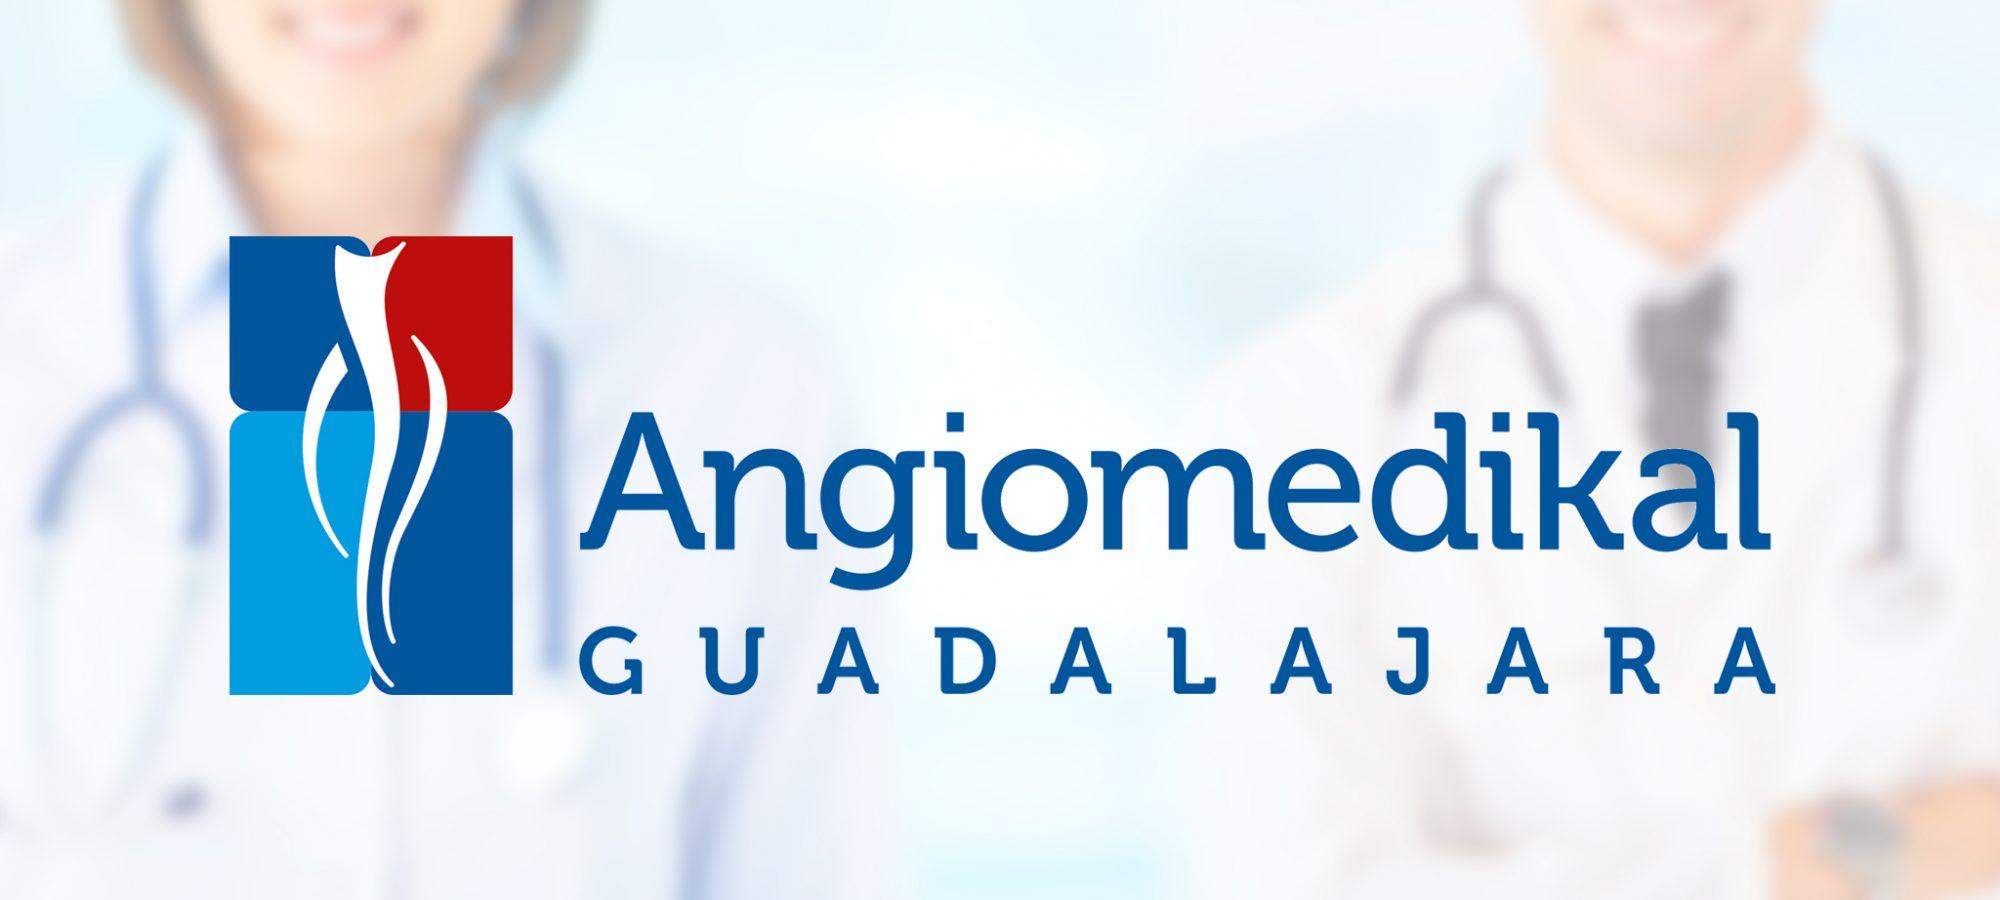 Angiología, Cirugía Vascular y Endovascular